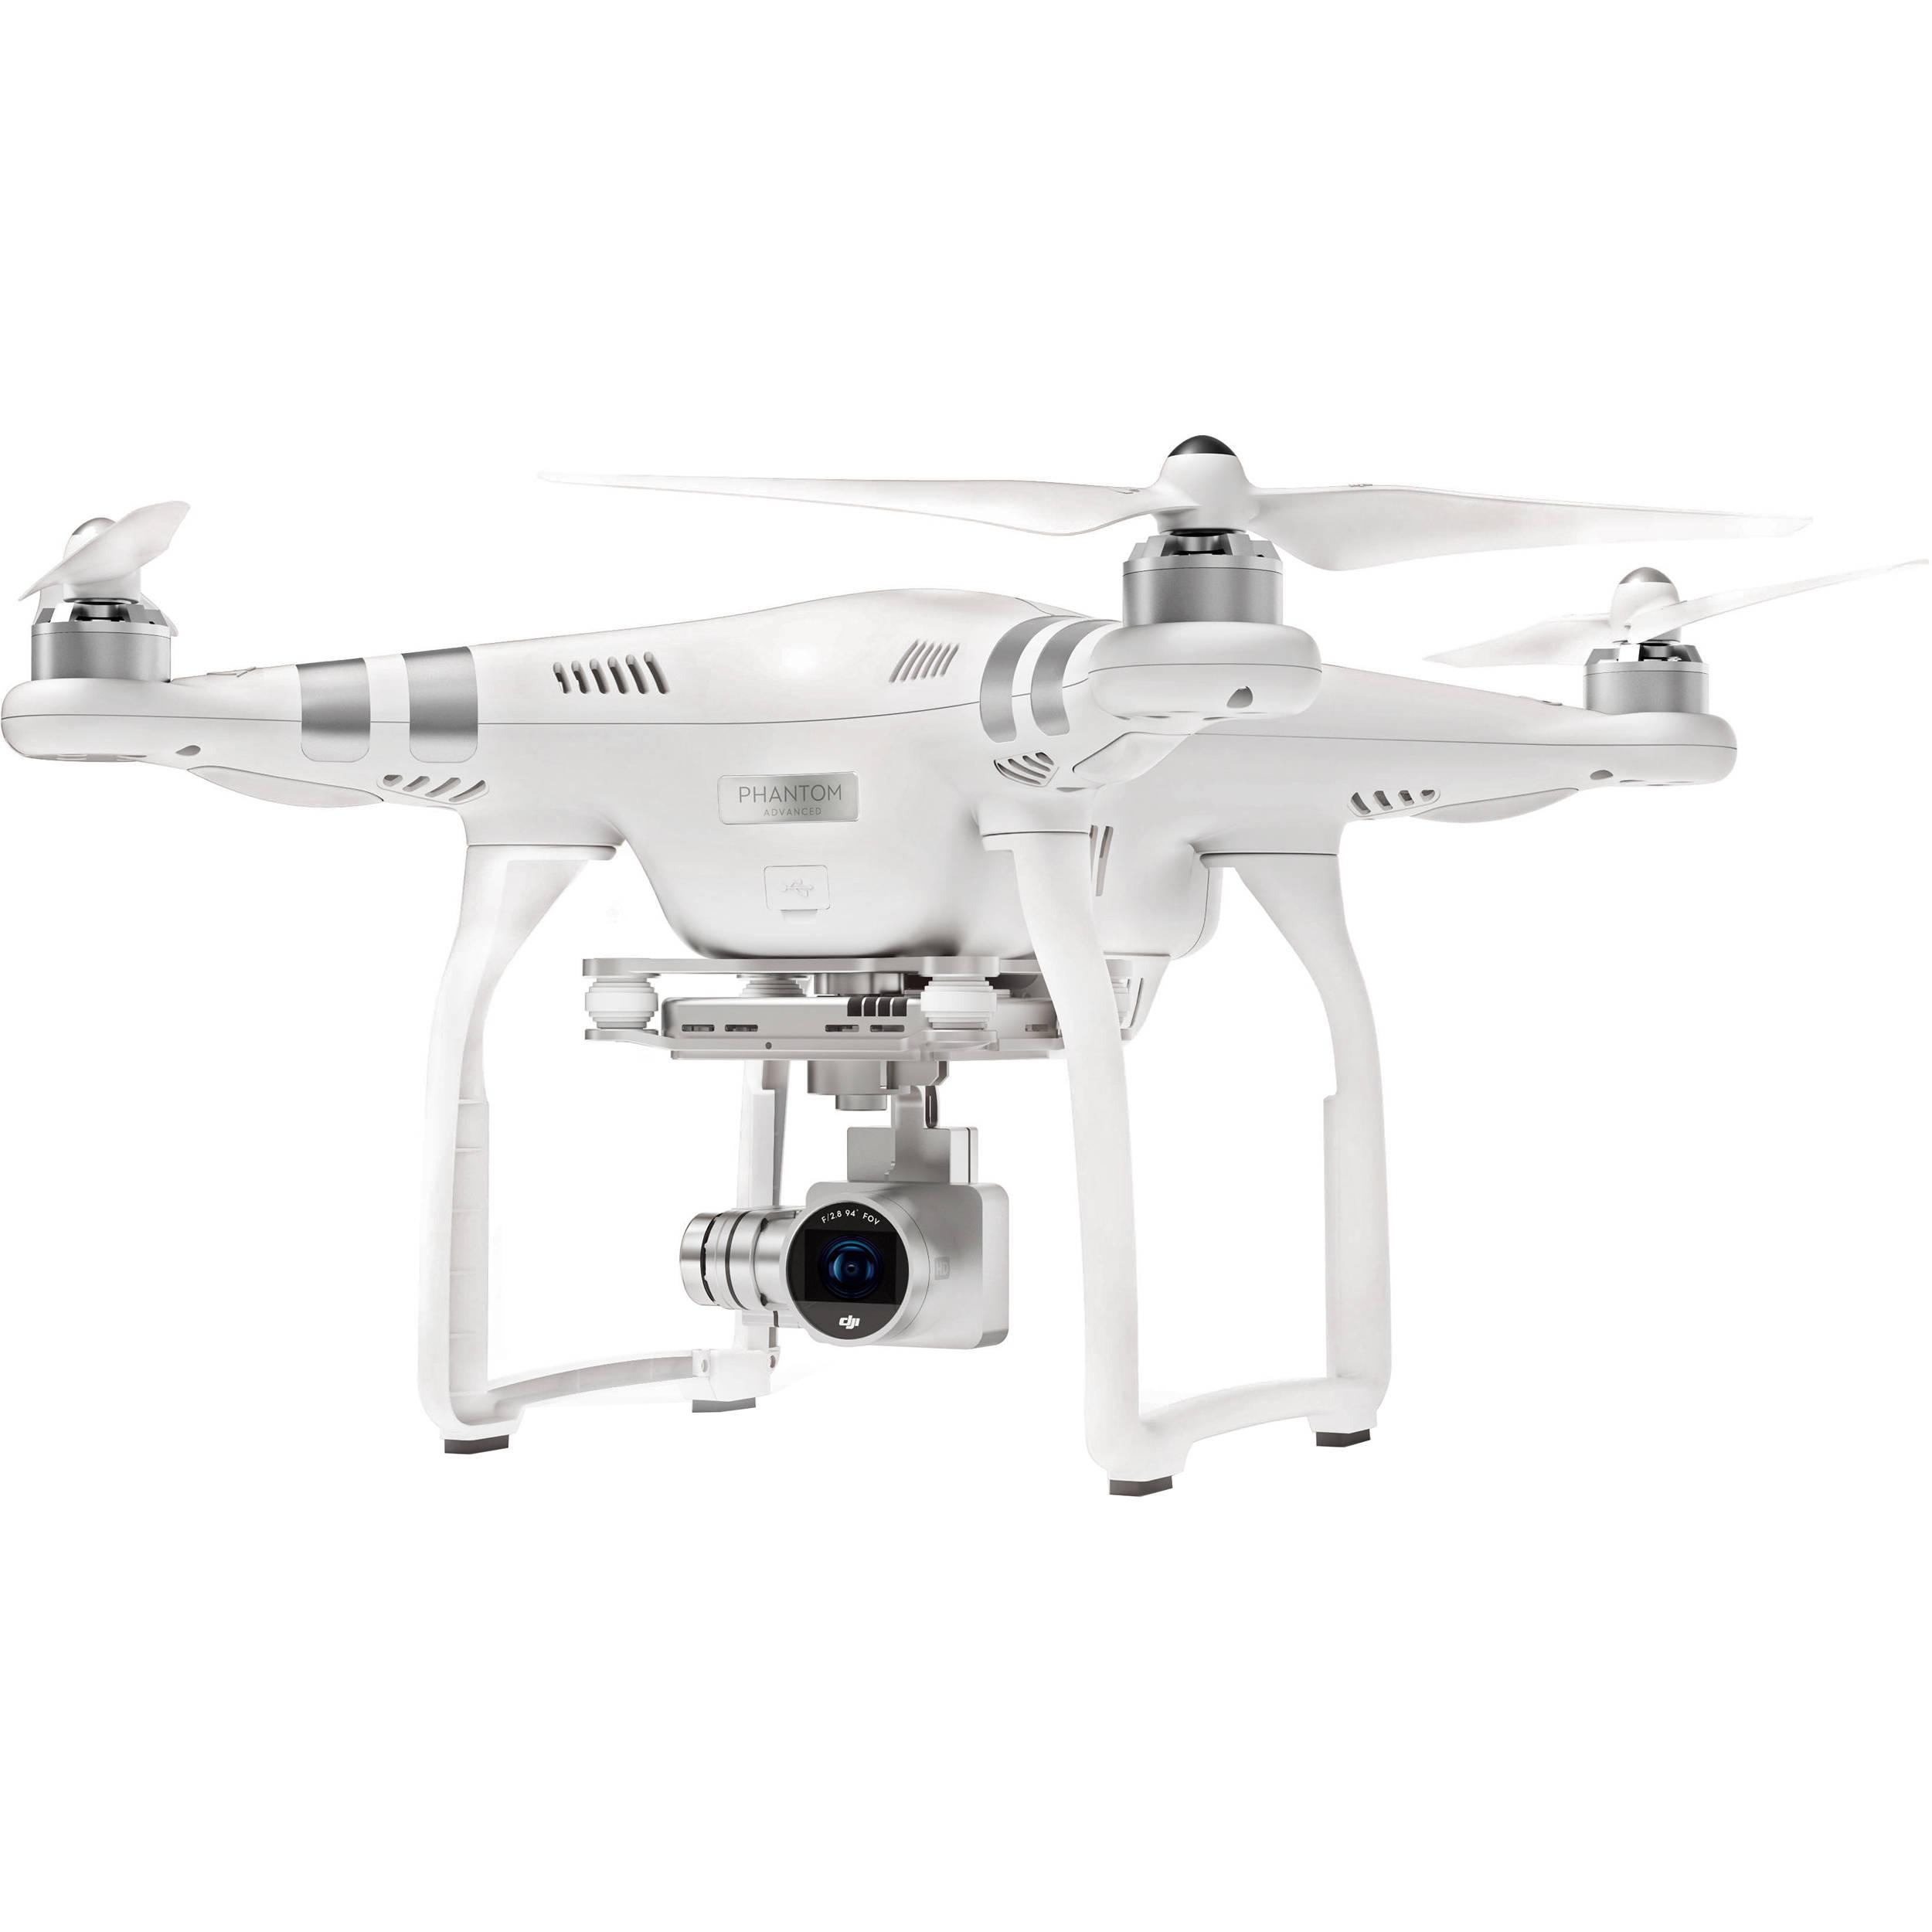 dji phantom 3 quadcopter review